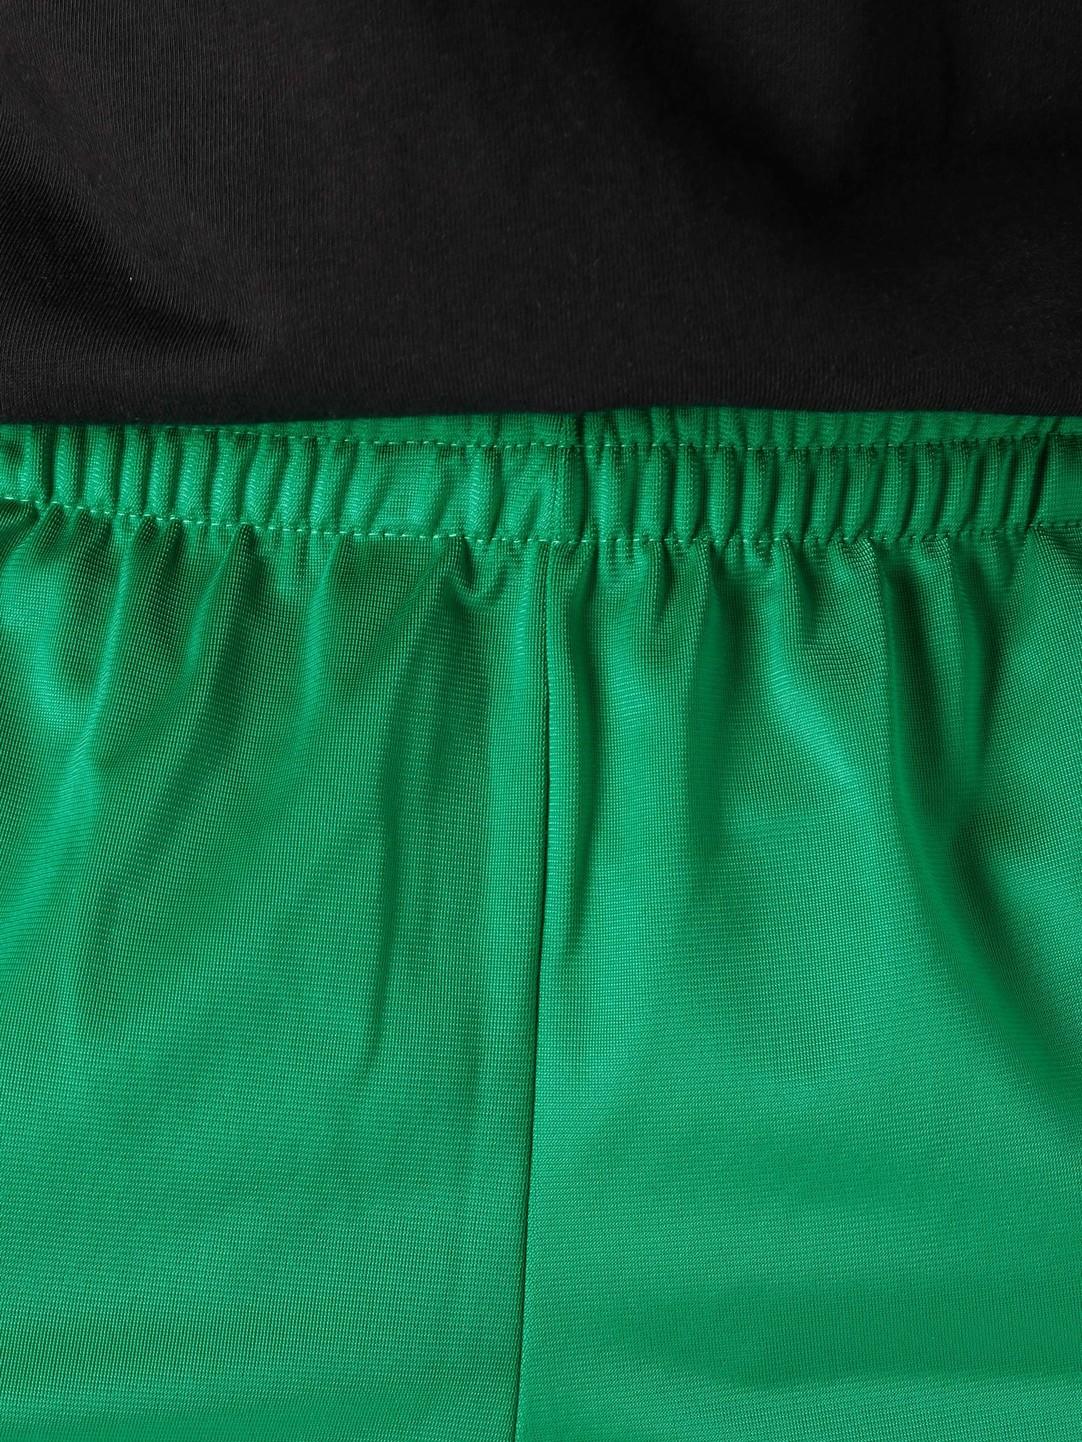 adidas adidas Firebird Tp Green GN3520